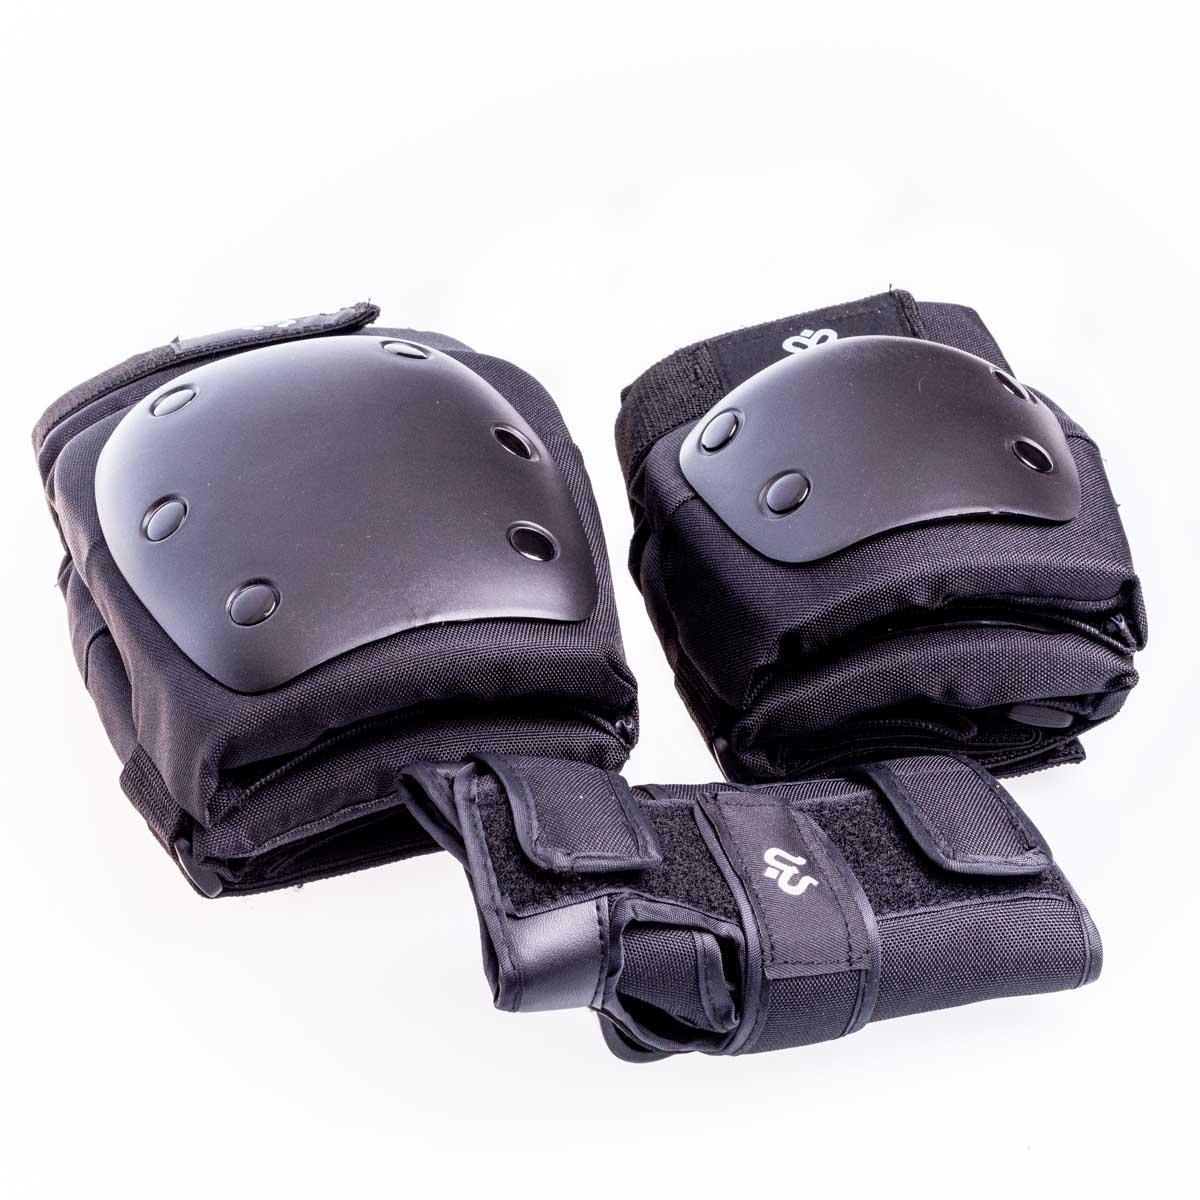 Pack de protecciones Imagine